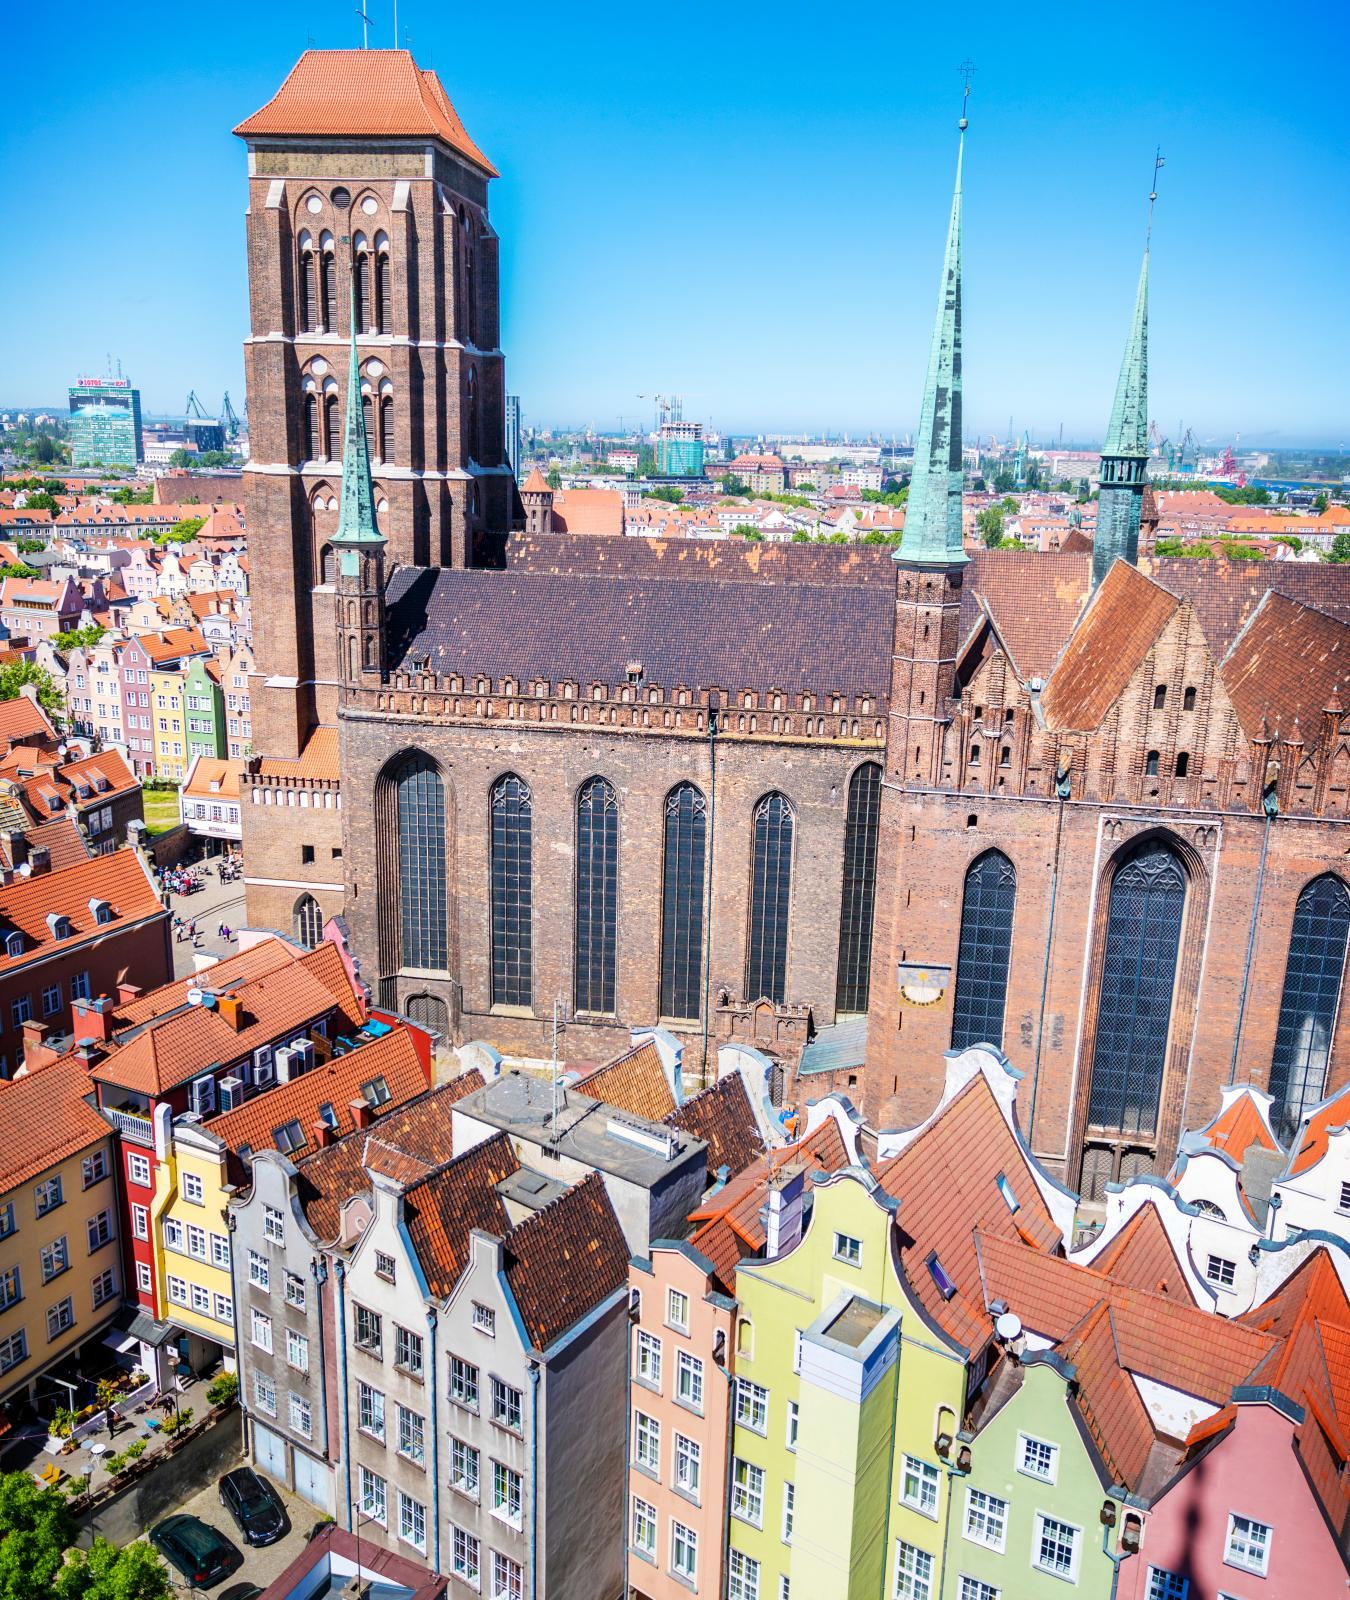 Bazylika Mariacka är världens största tegelkyrka och den ligger i centrala Gdańsk.